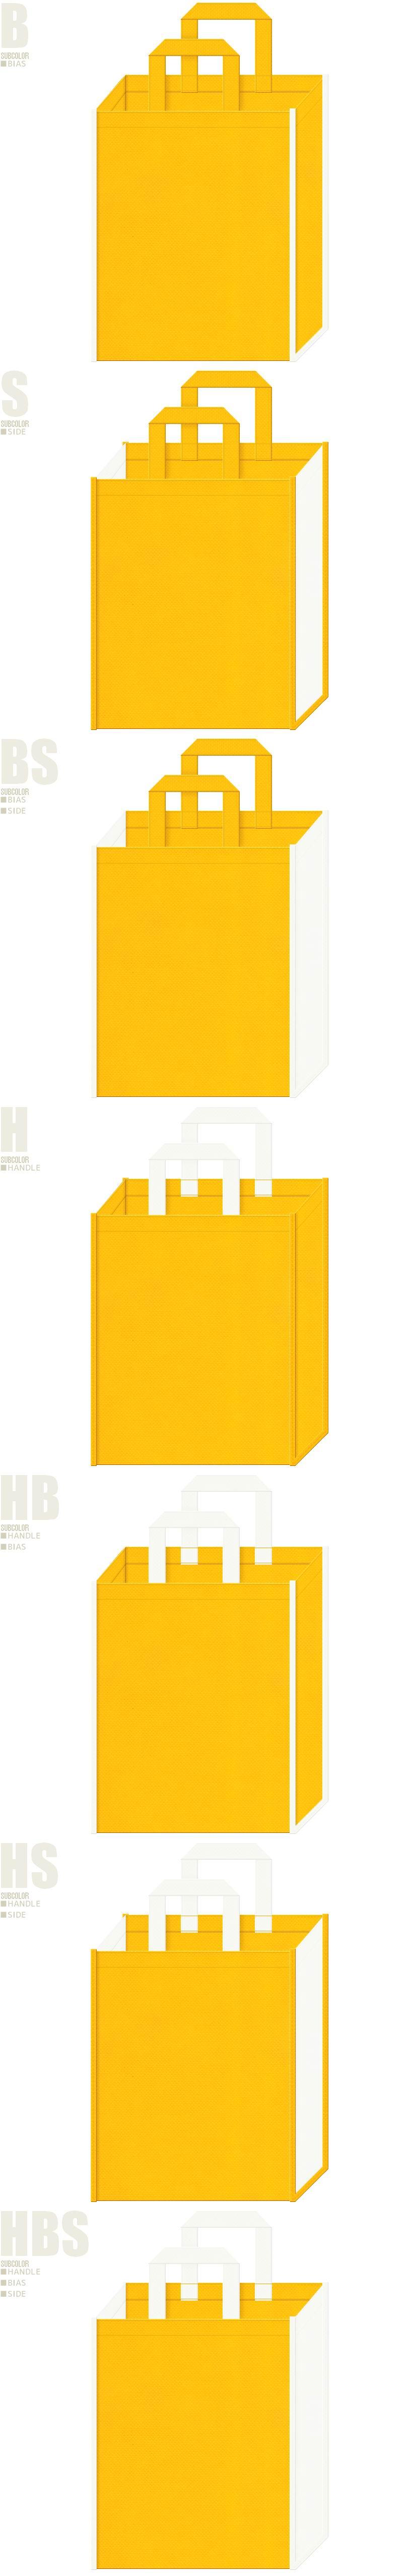 電気・通信・エネルギー・たまご・スクランブルエッグ・チーズ・バター・乳製品・エンジェル・ムーン・スター・レモン・ビタミン・通園バッグ・キッズイベントにお奨めの不織布バッグデザイン:黄色とオフホワイト色の配色7パターン。